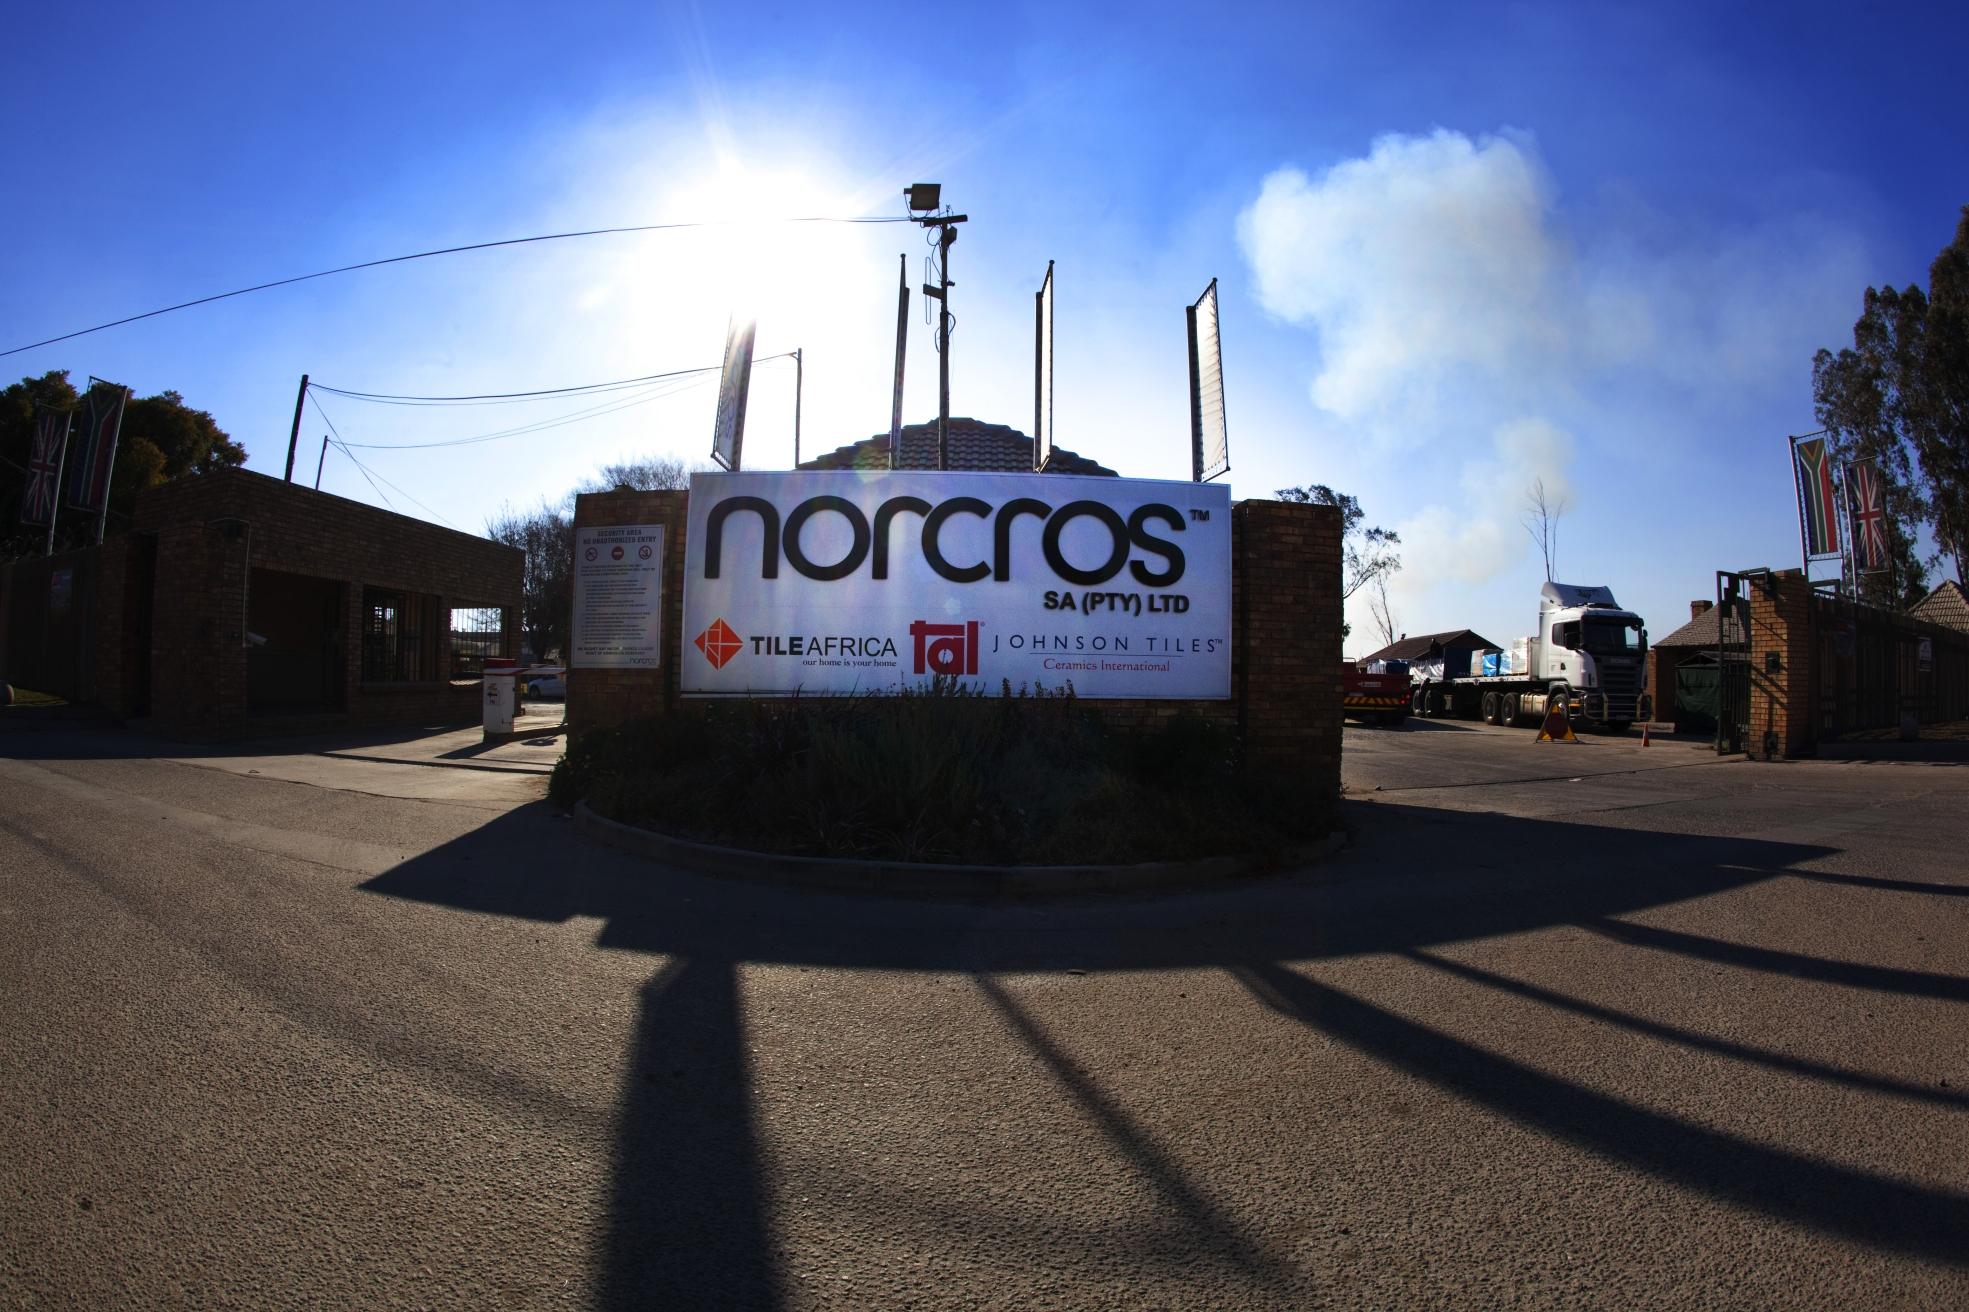 Norcros SA